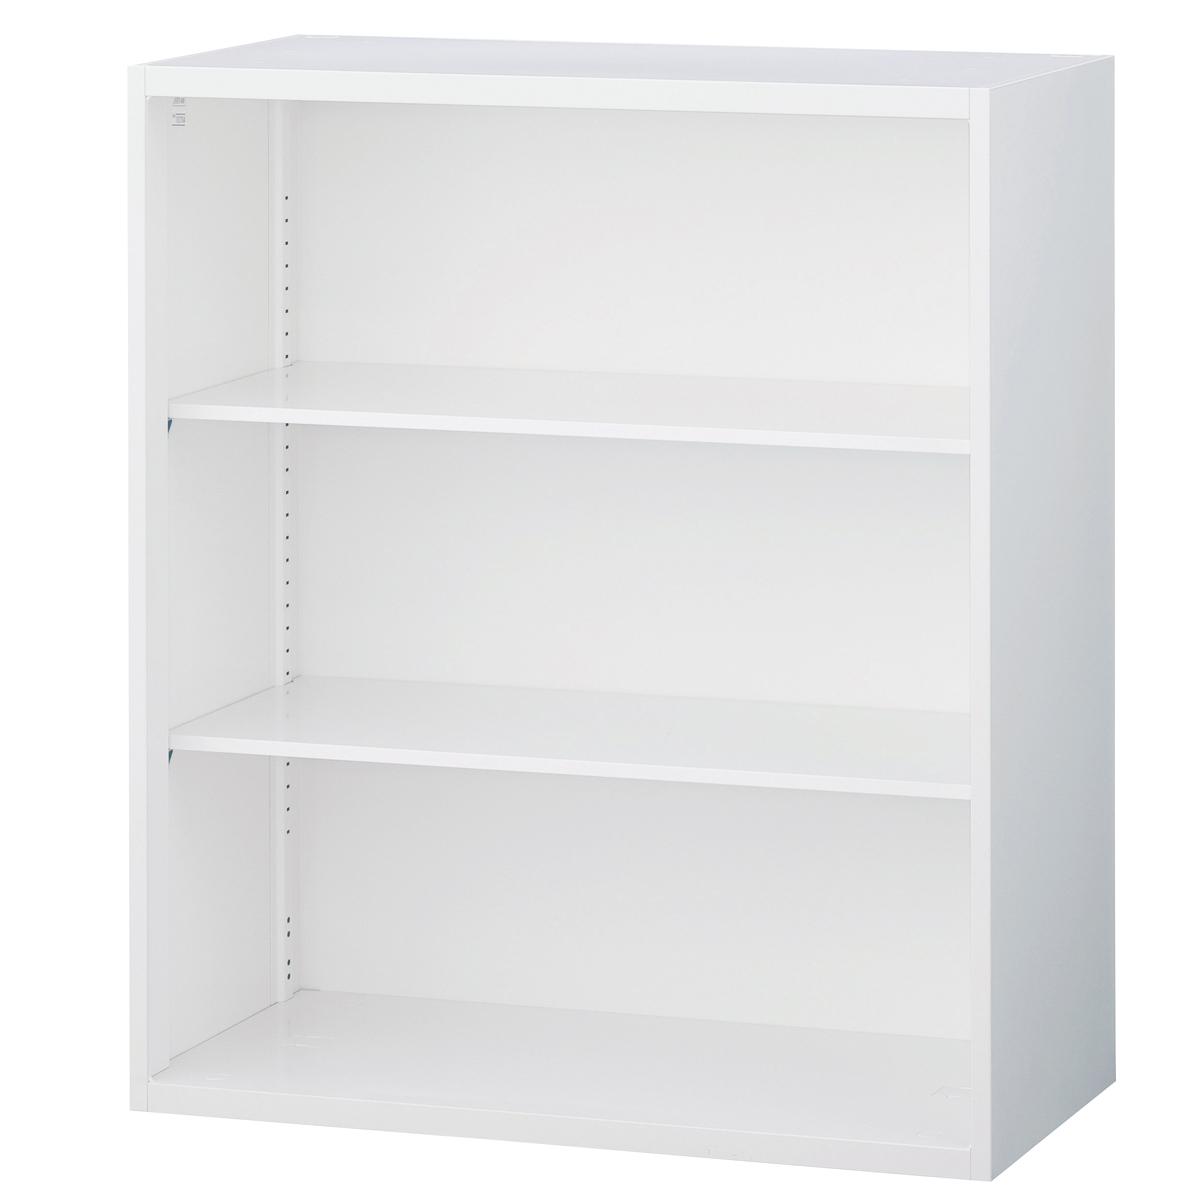 <お取り寄せ品※代引きキャンセル不可> オープン棚 RW5-10K 【 用紙 画用紙 整理 棚 収納 多目的 システム収納棚 】